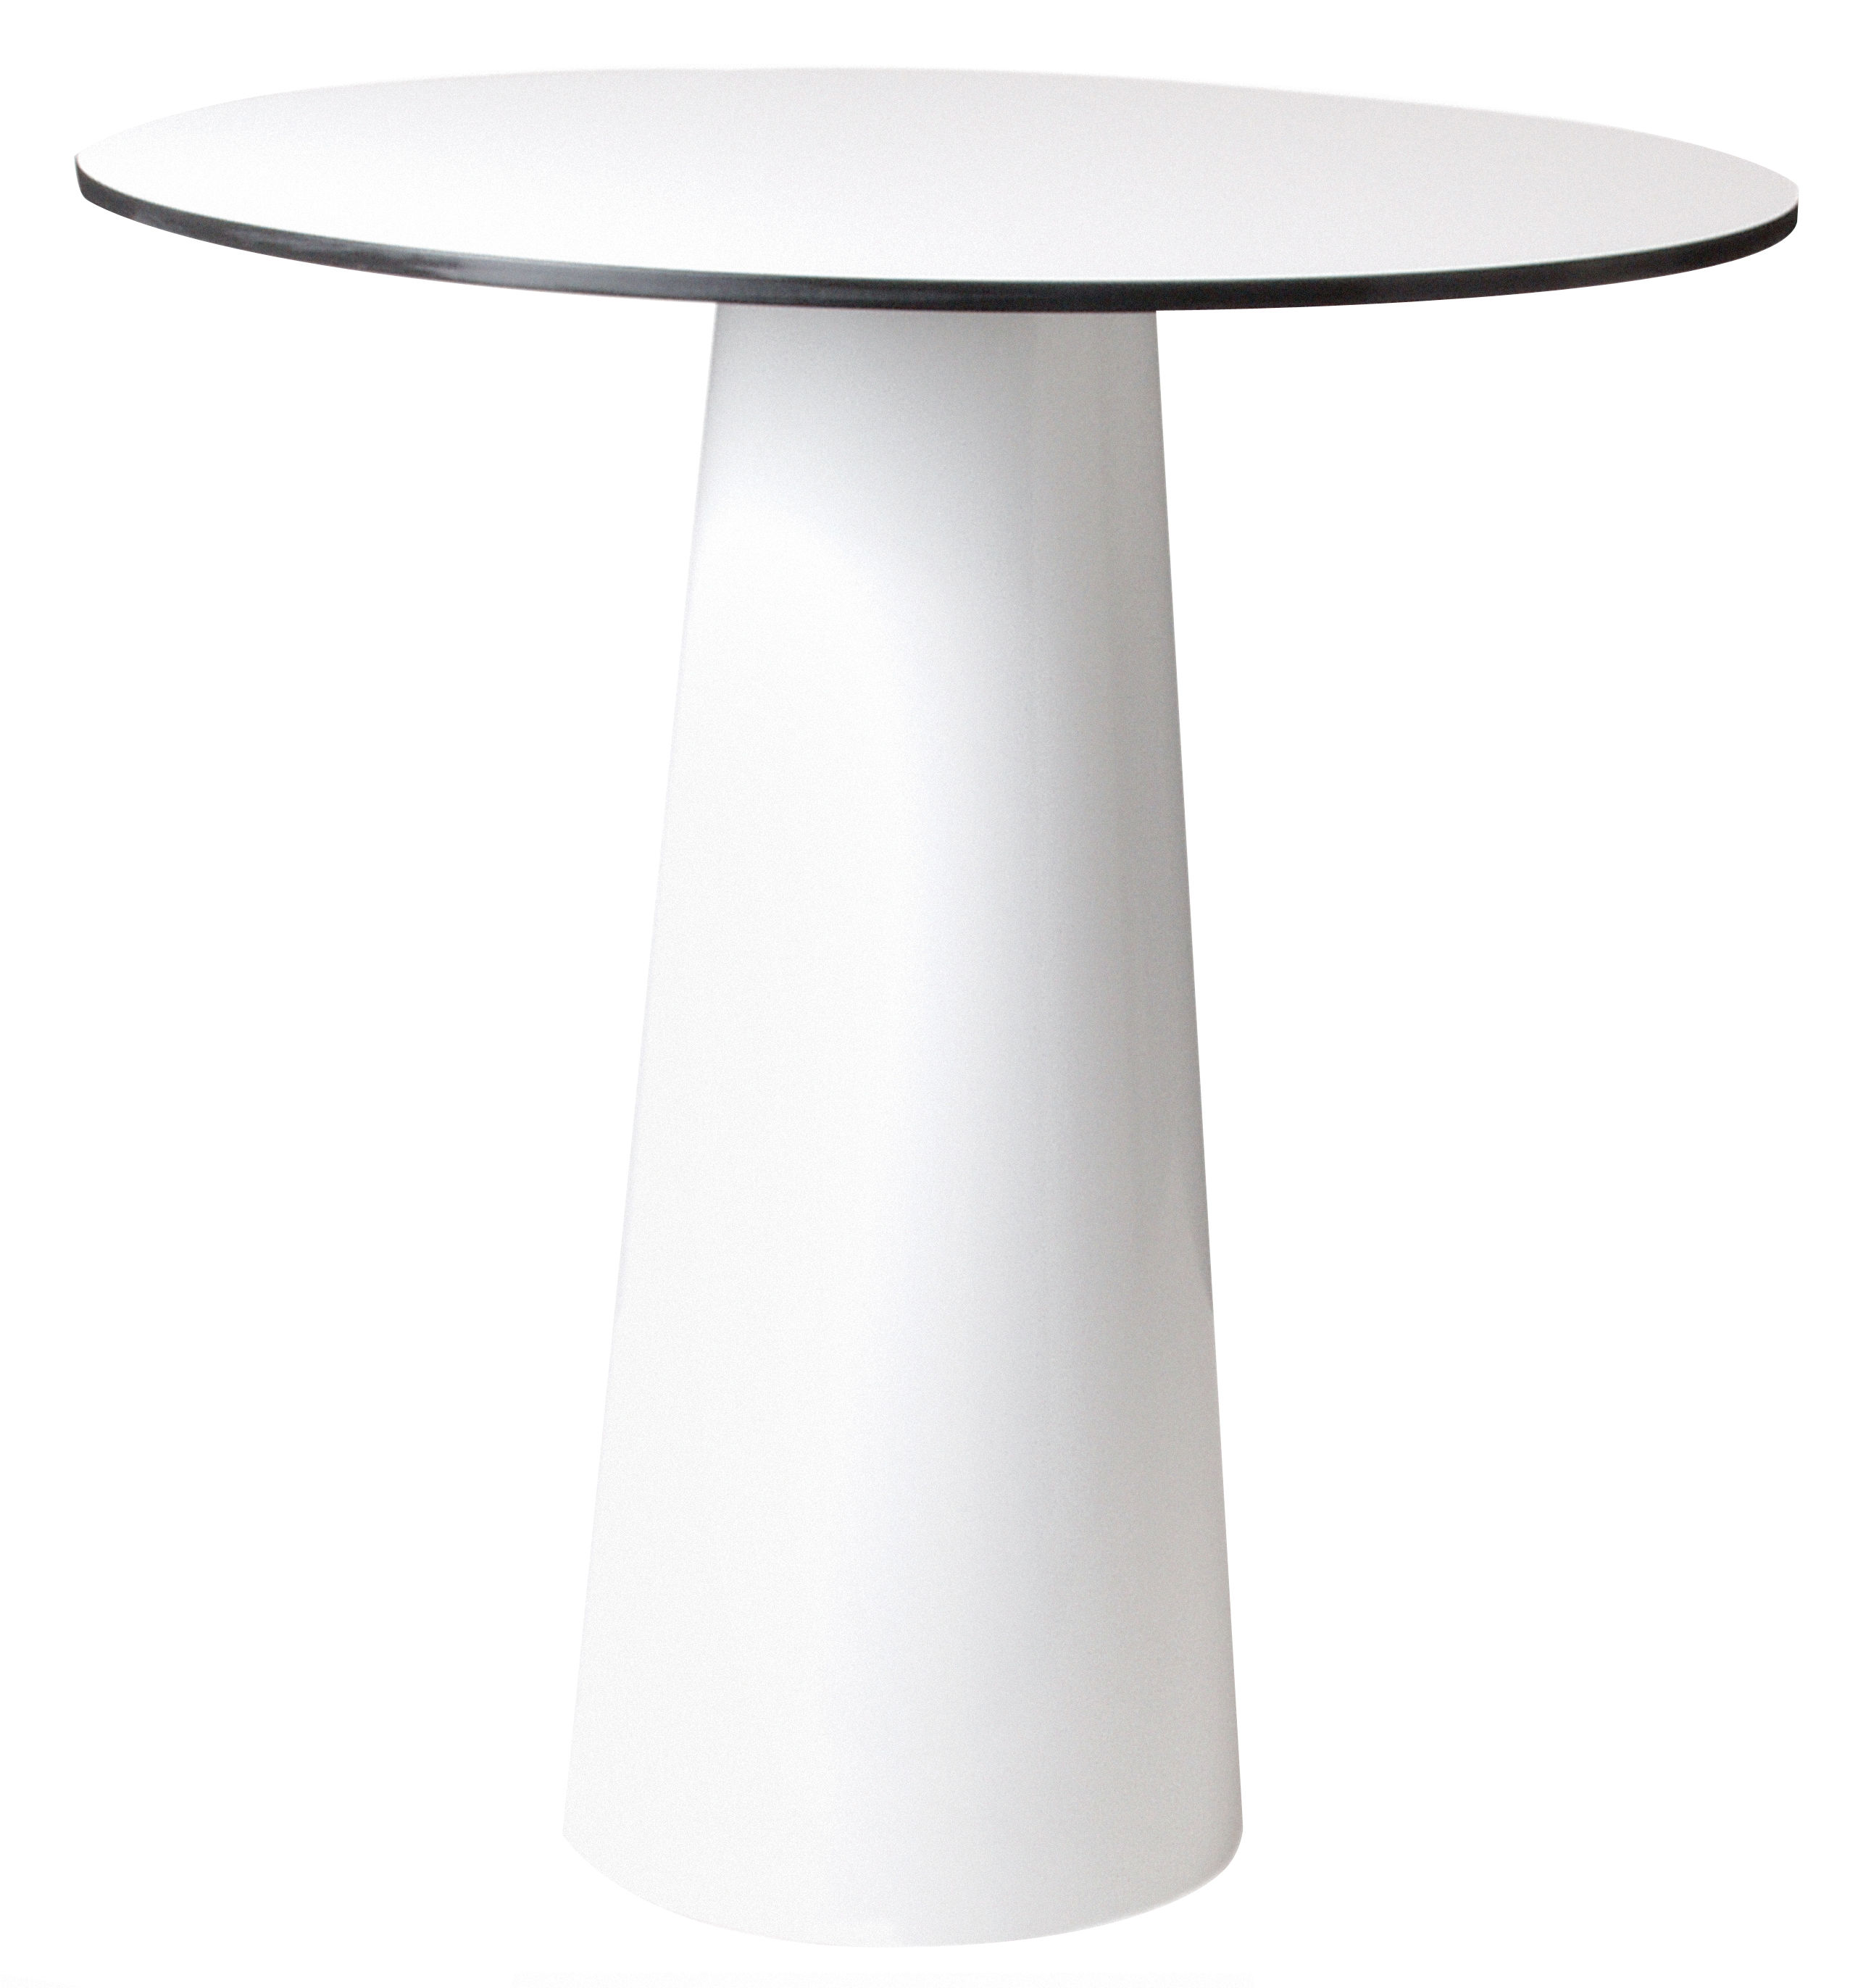 Plateau de table Container Moooi - Plateau blanc - Ø 70 cm - Ø 70 ...